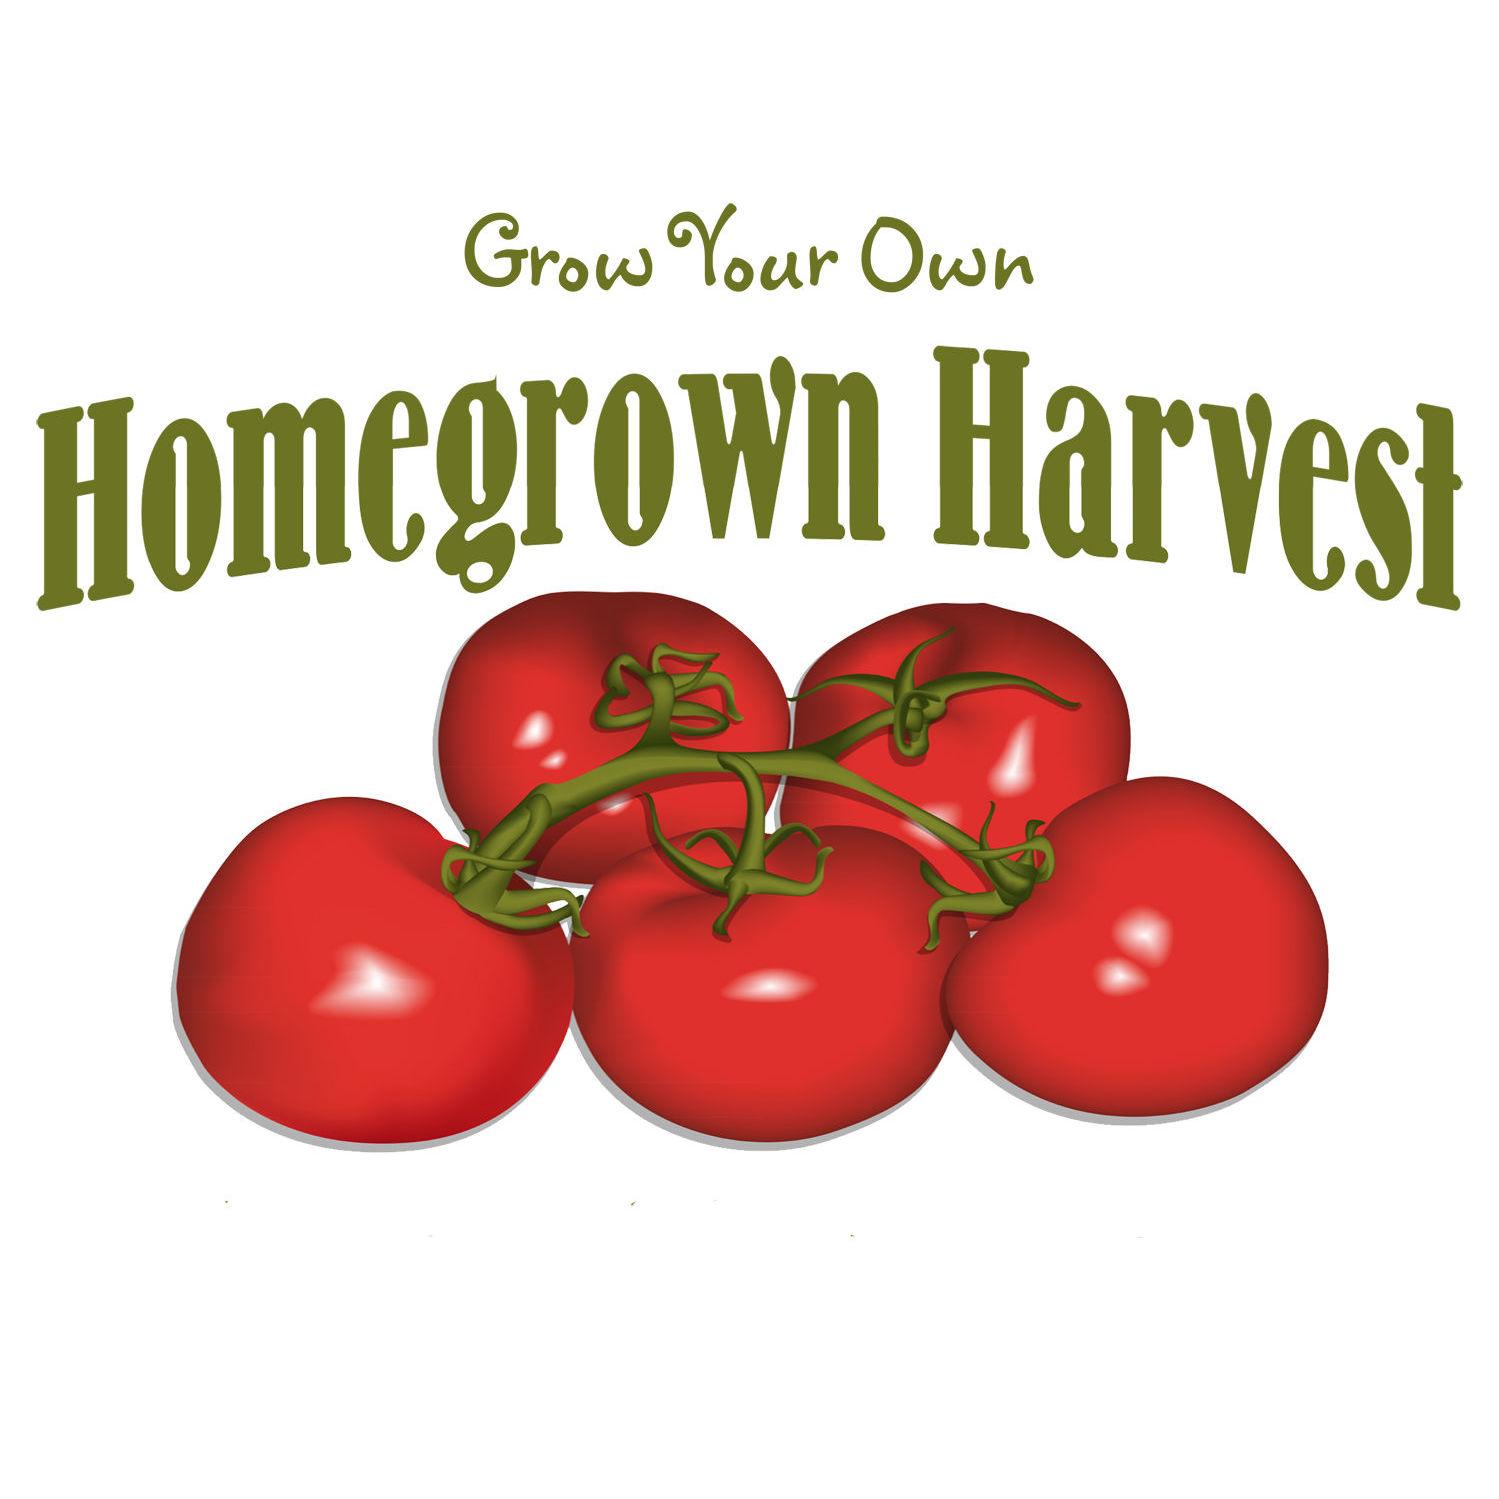 Homegrown Harvest image 5